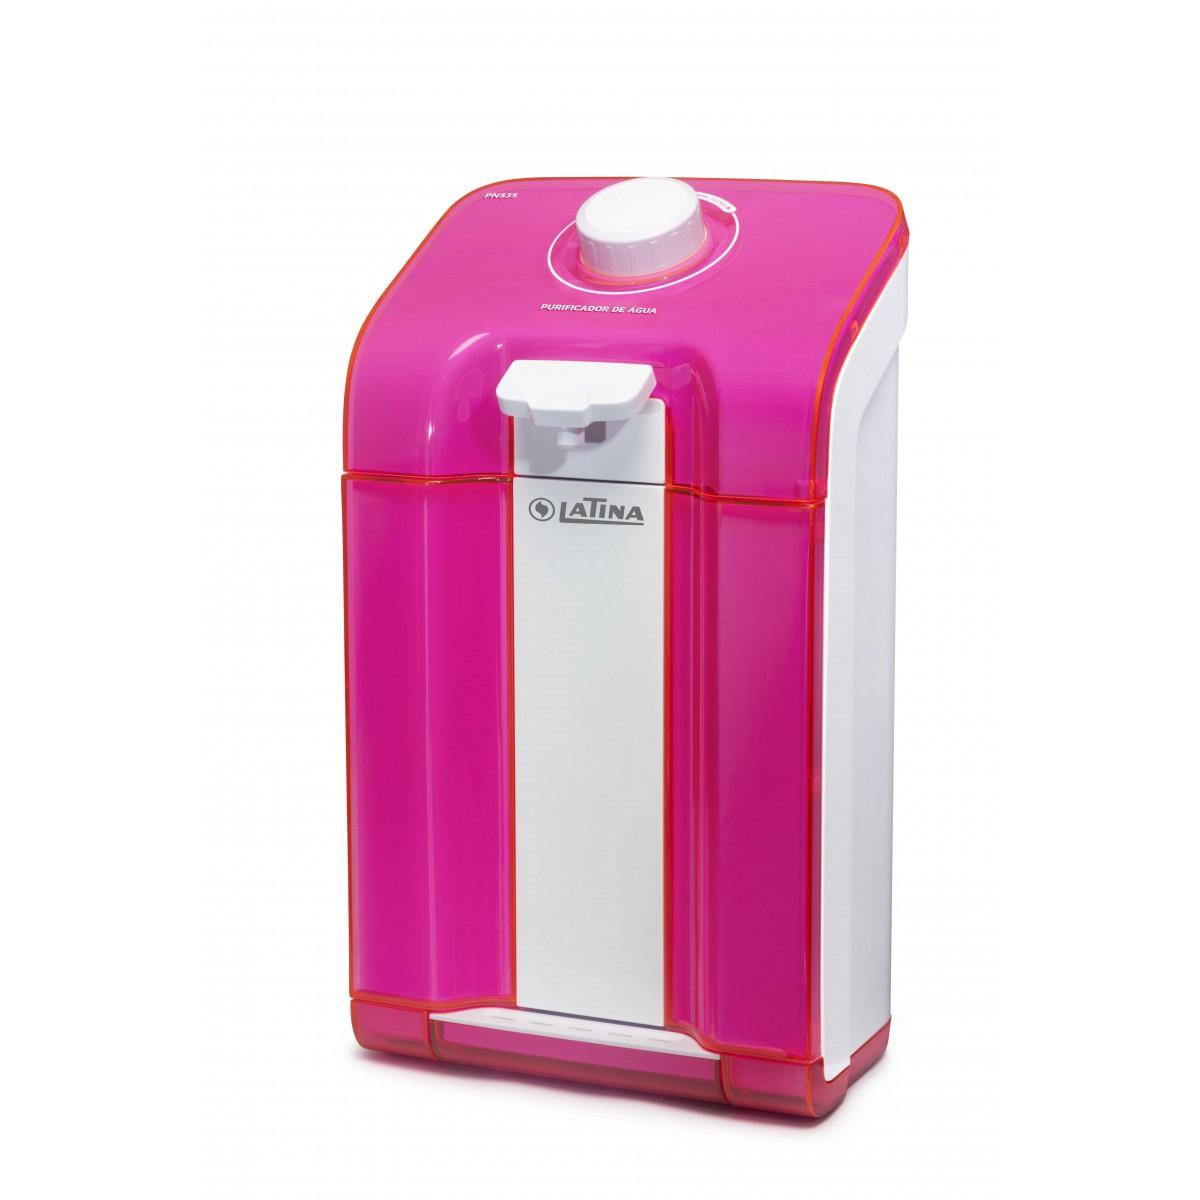 Purificador de Água Latina Pn535 Rosa  - ShopNoroeste.com.br